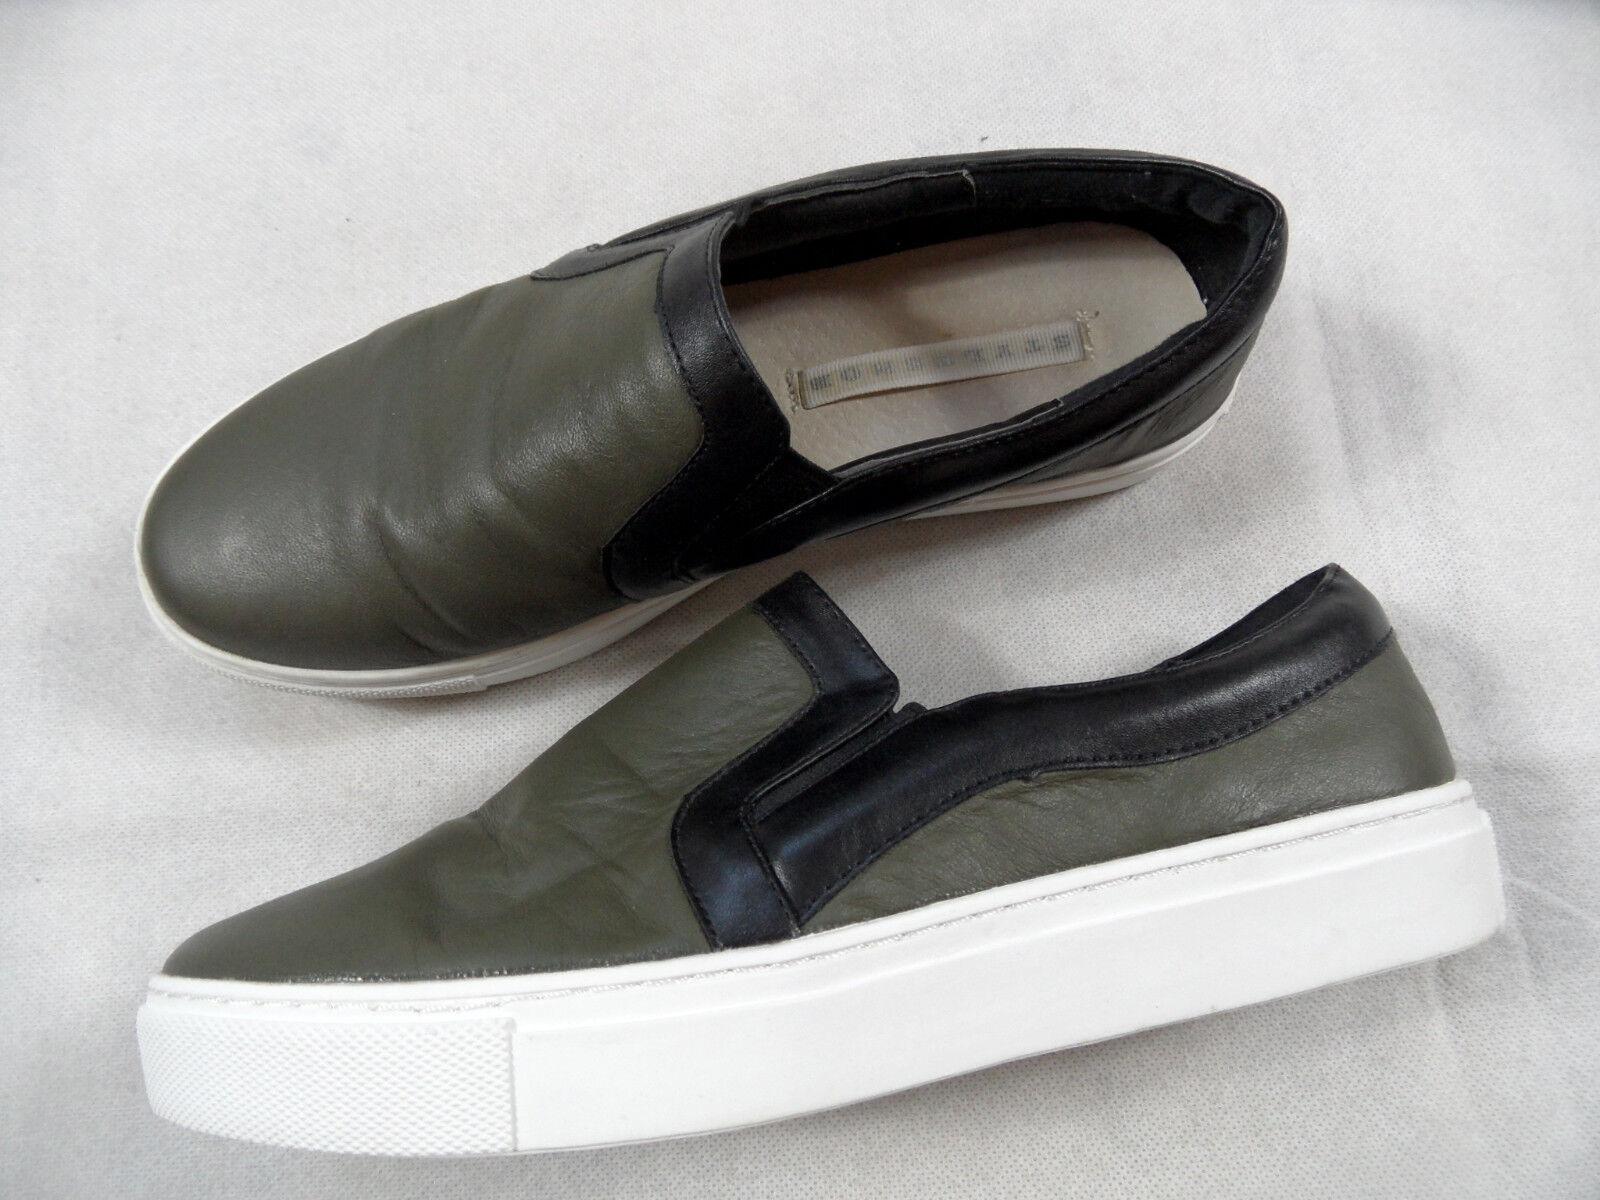 STYLESNOB stylische Leder Sneakers zum Reinschlüpfen khaki black Gr. 37 BB718